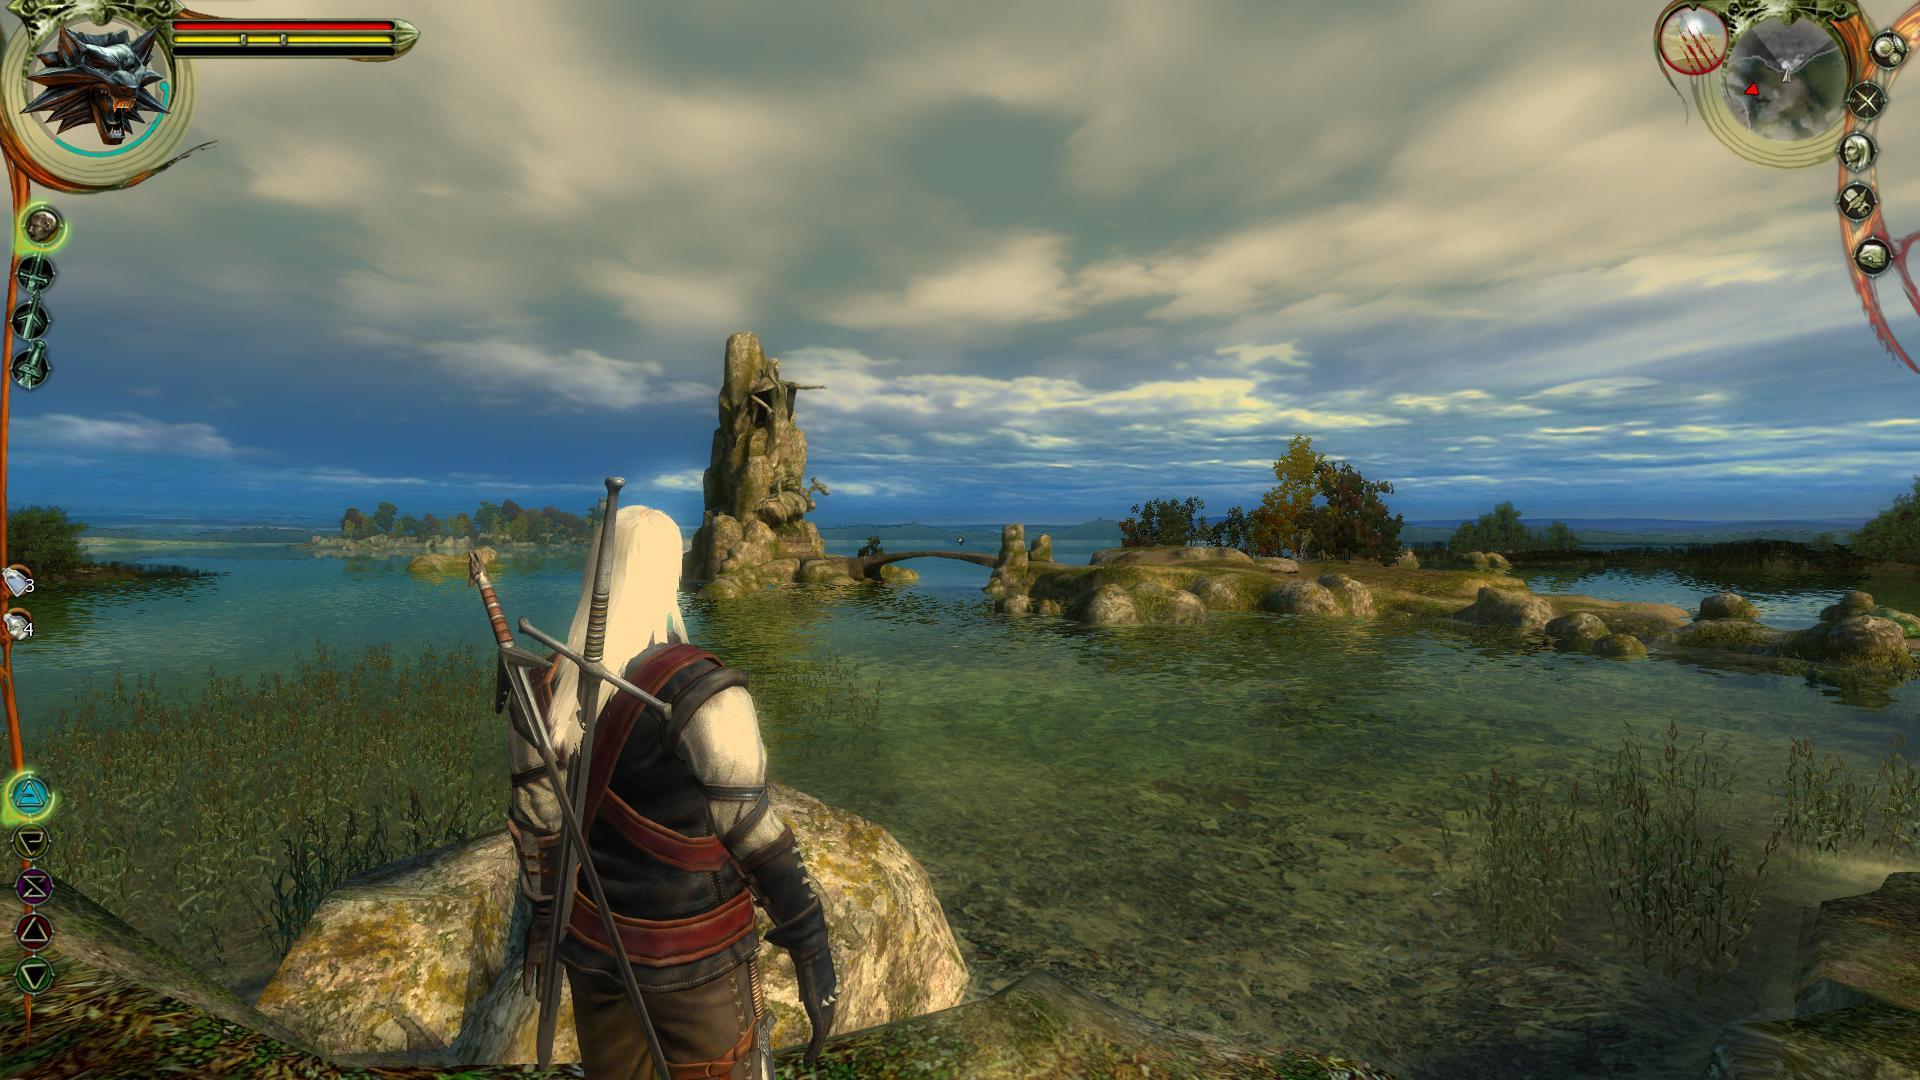 2007 год в компьютерных играх - Изображение 7